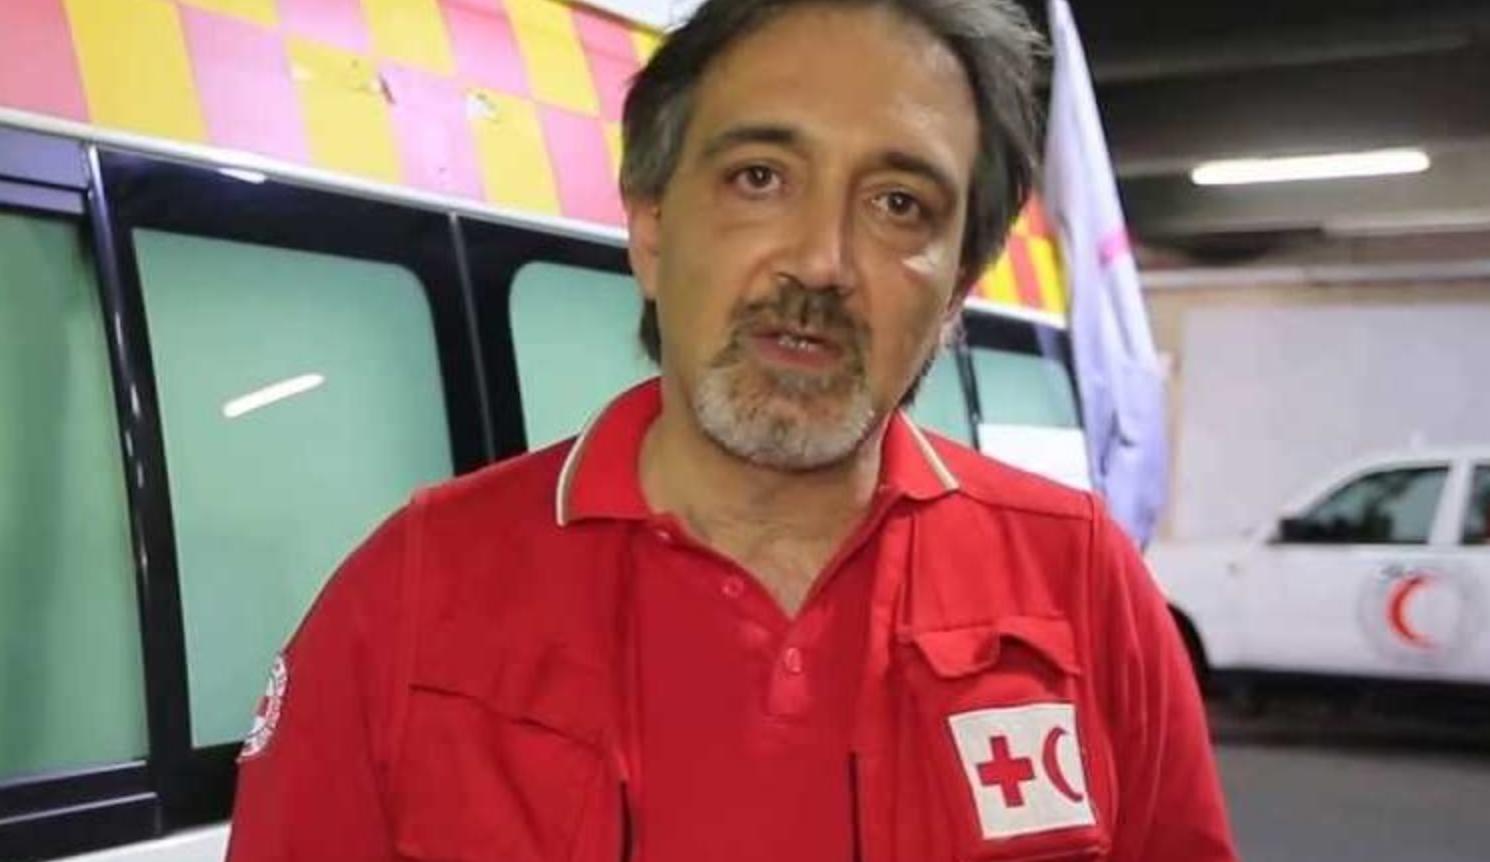 رئيس الصليب الأحمر الإيطالي، فرانشيسكو روكّا